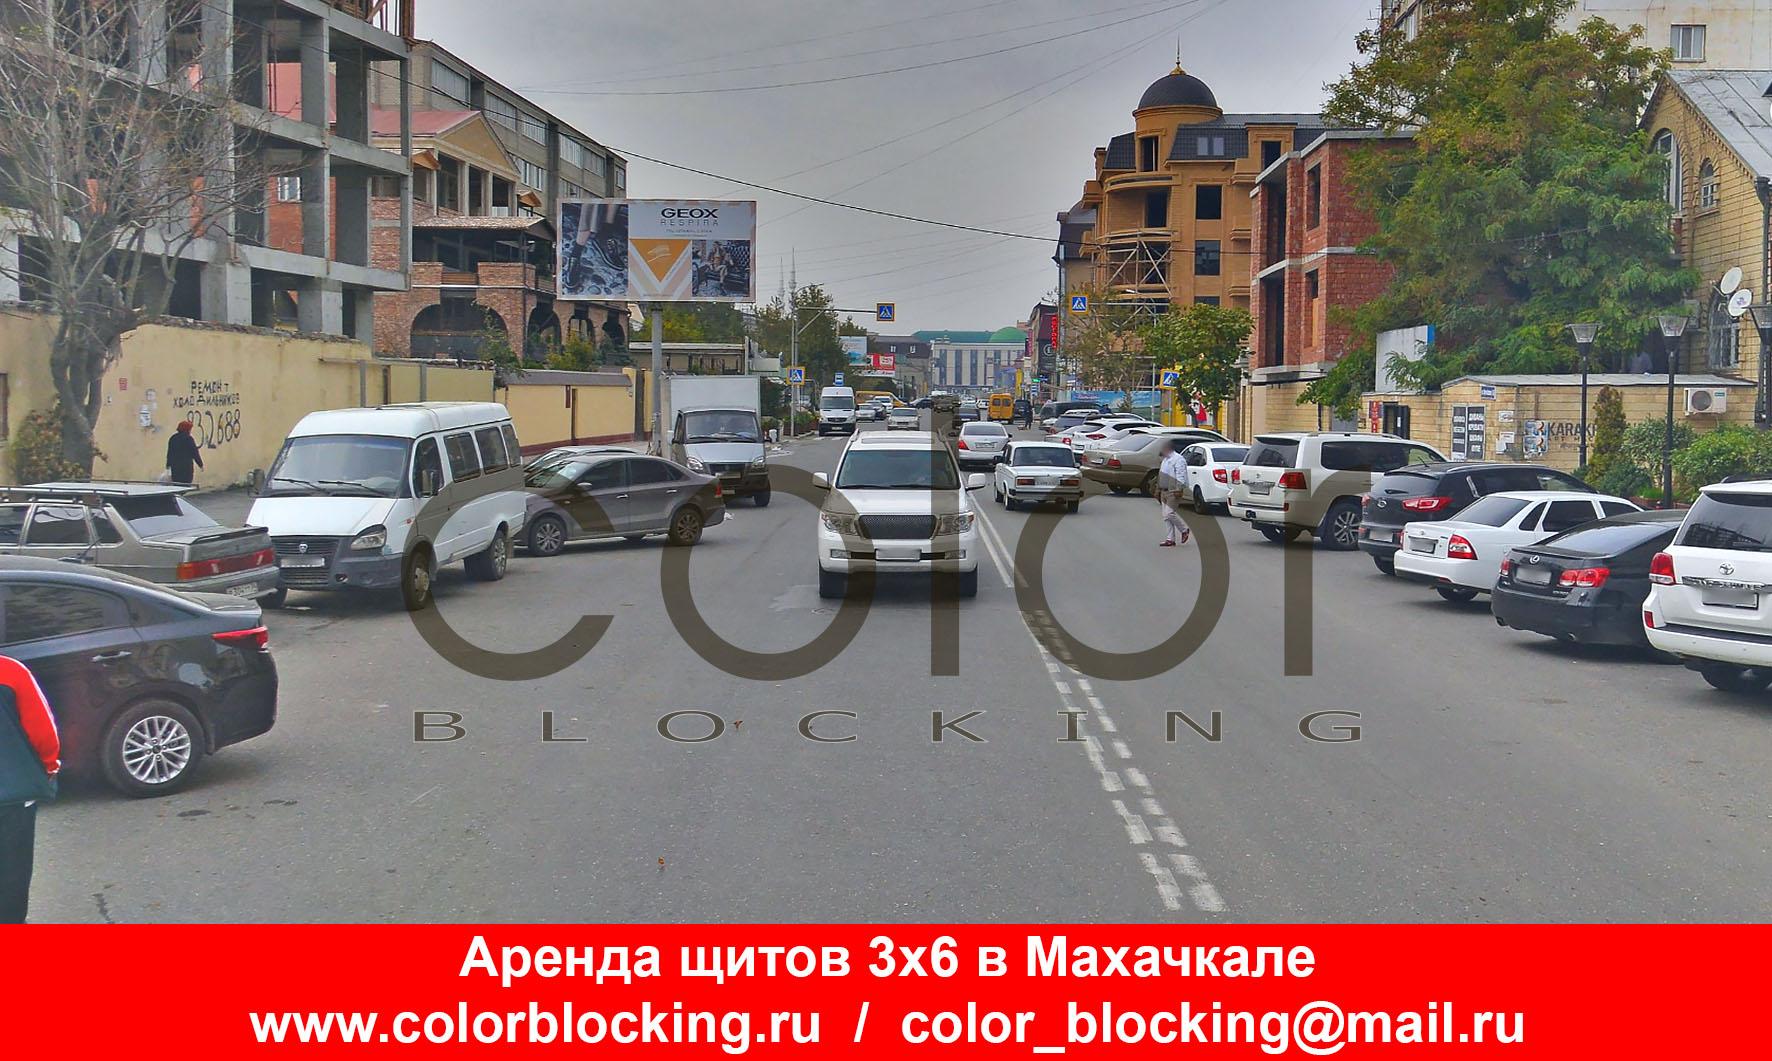 Наружная реклама в Махачкале Казака